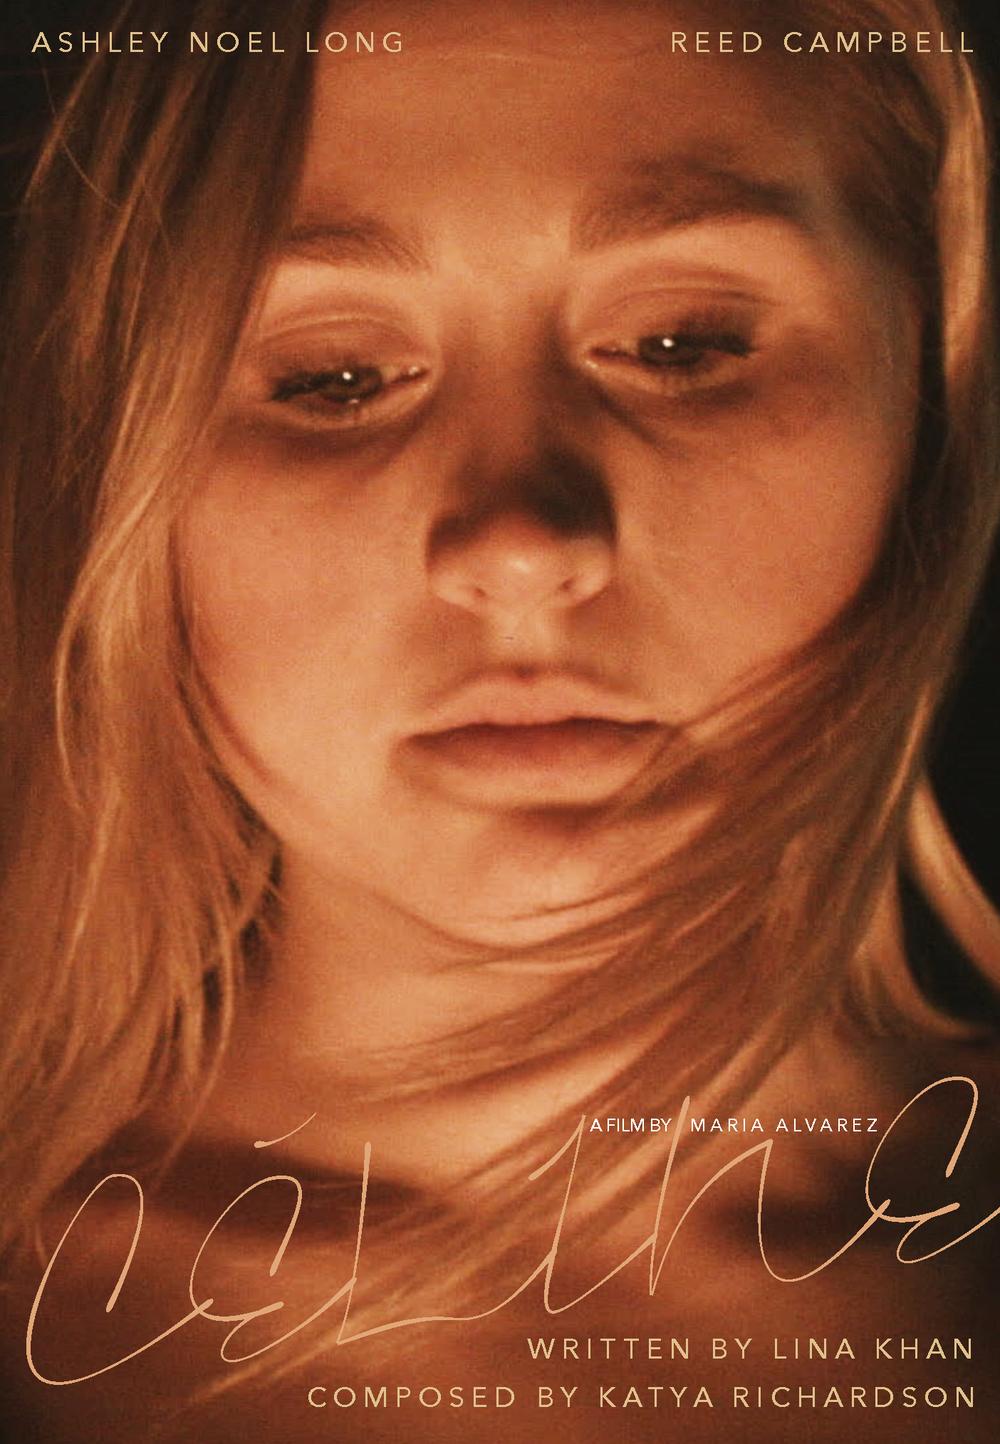 Celine Poster - CINE.png